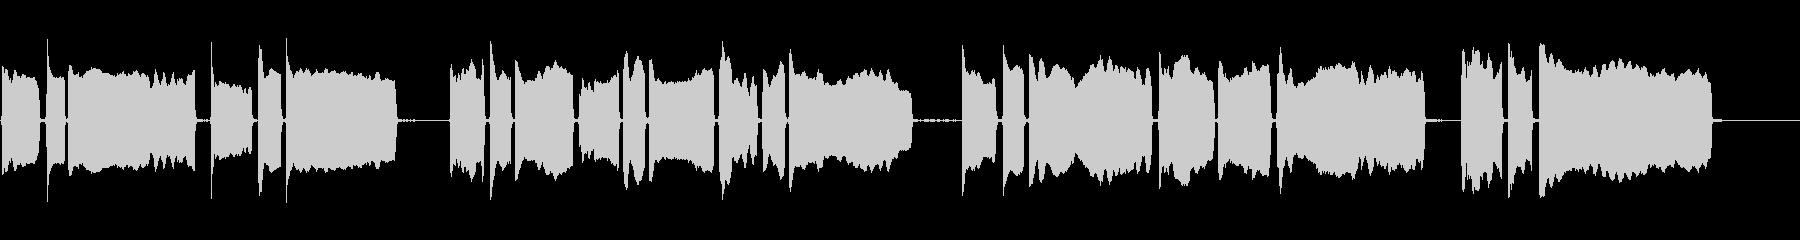 トランペット:スキーキーラストポス...の未再生の波形